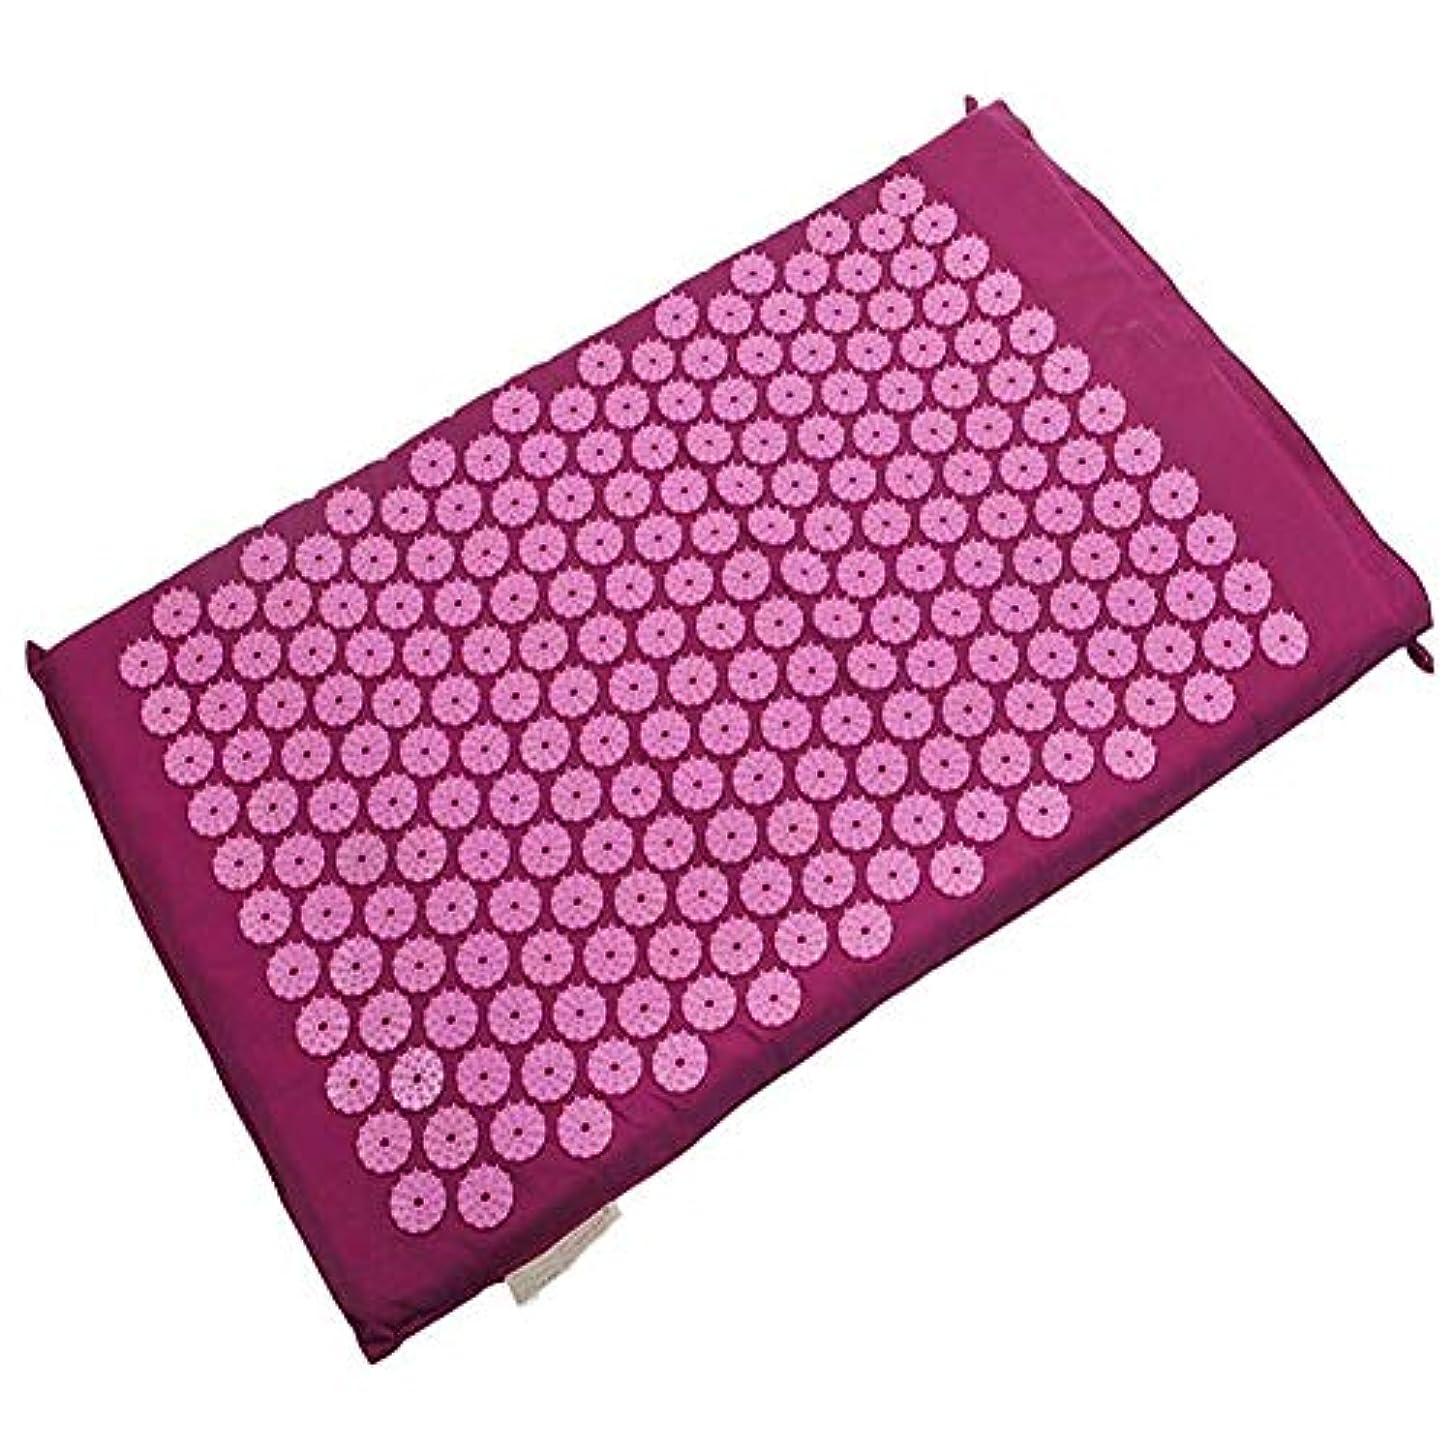 プレミアギャップ印象鍼massageマッサージヨガマット、オリジナルの指圧枕、首と肩のマッサージ、健康なだめるようなマッサージクッションマッサージクッション,Mat Purple(B)